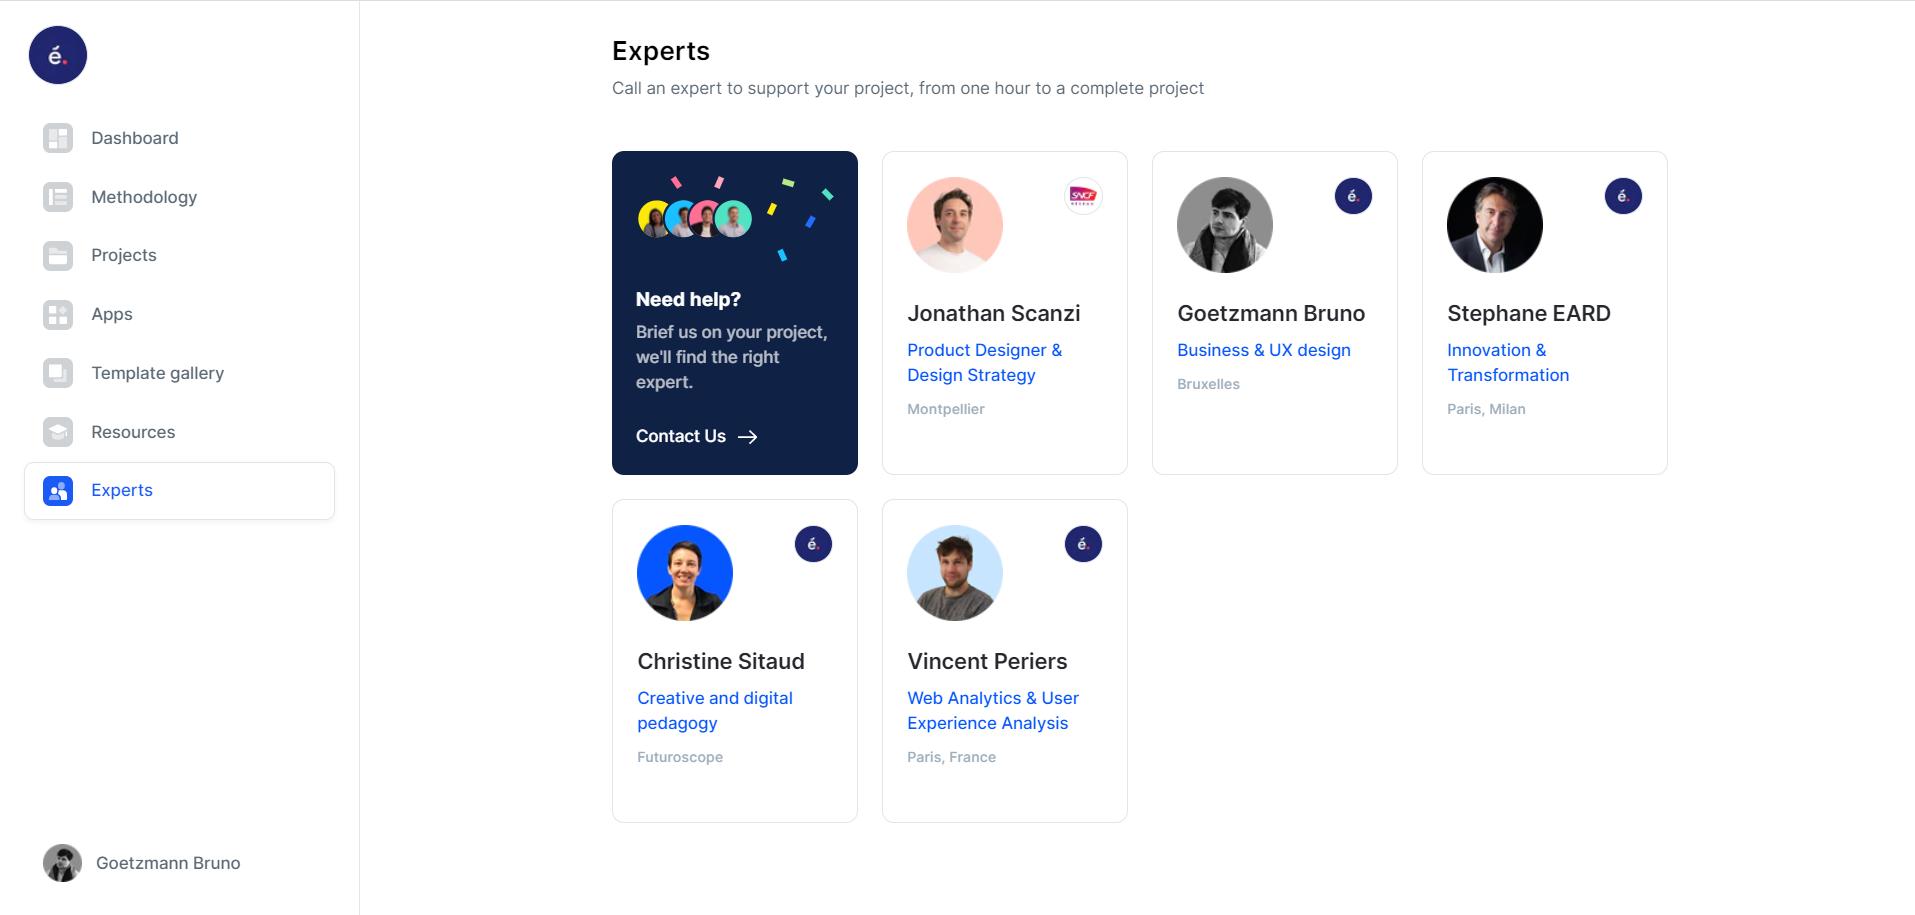 Internal expert network